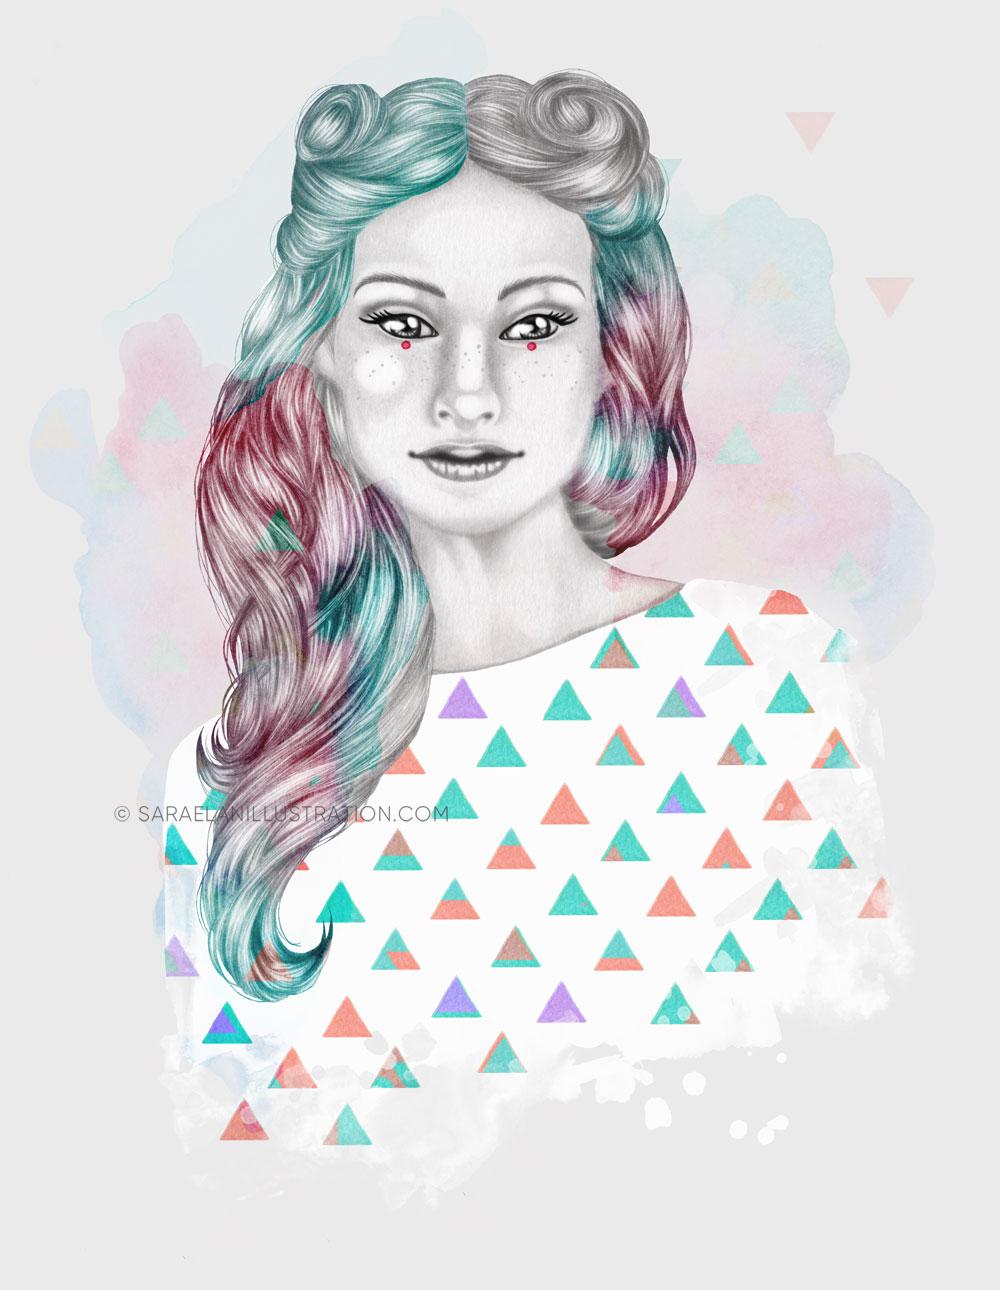 Charlotte - seconda versione con le macchie di acquerello